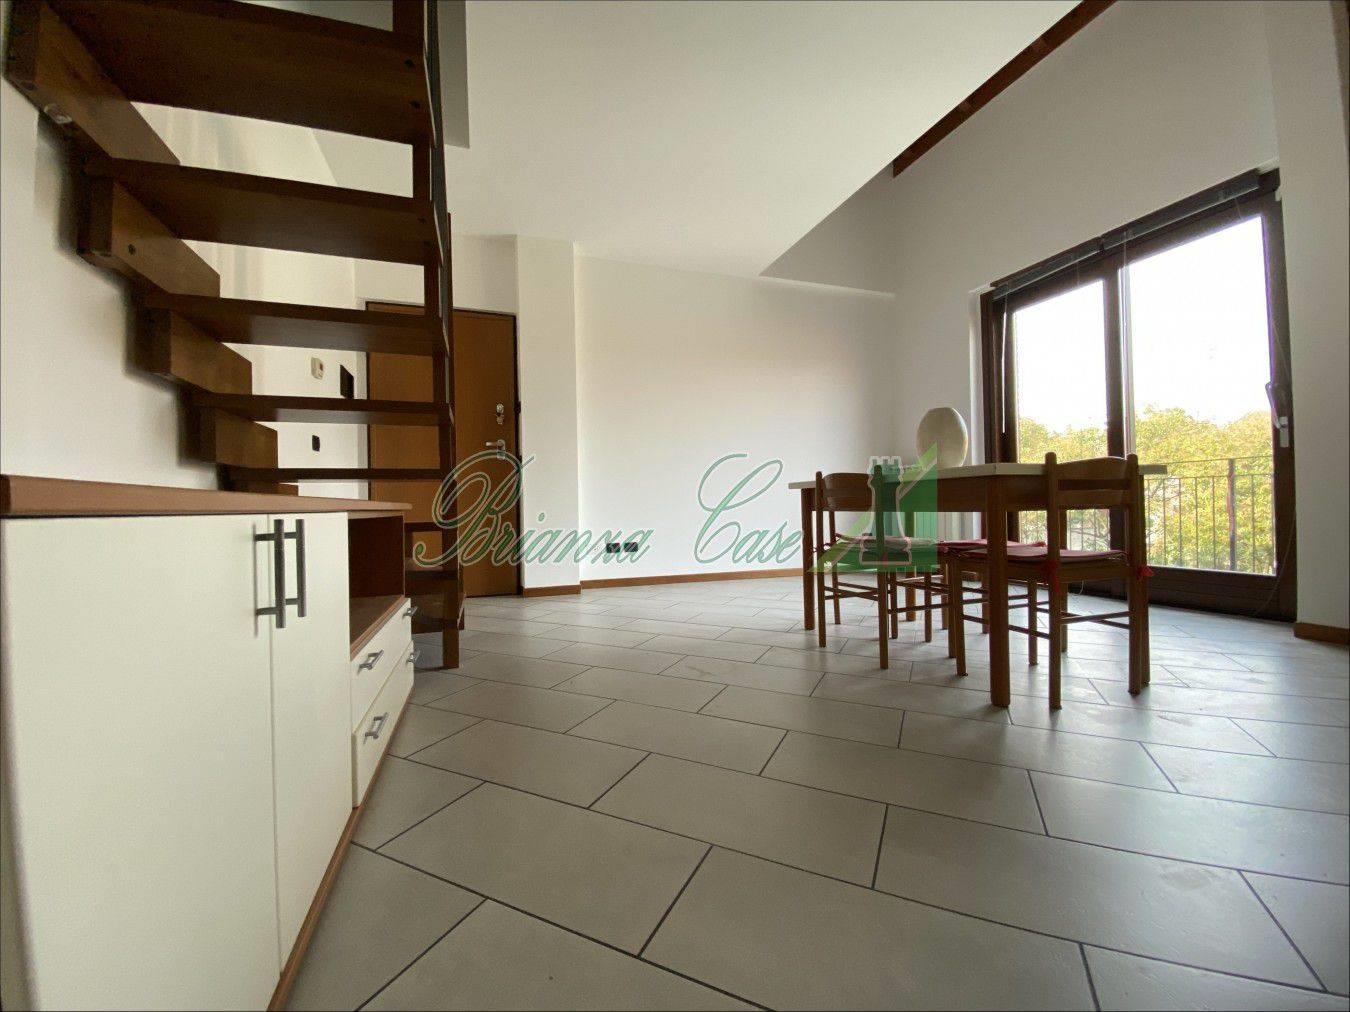 Foto 1 - Appartamento in Vendita - Arcore (Monza e Brianza)